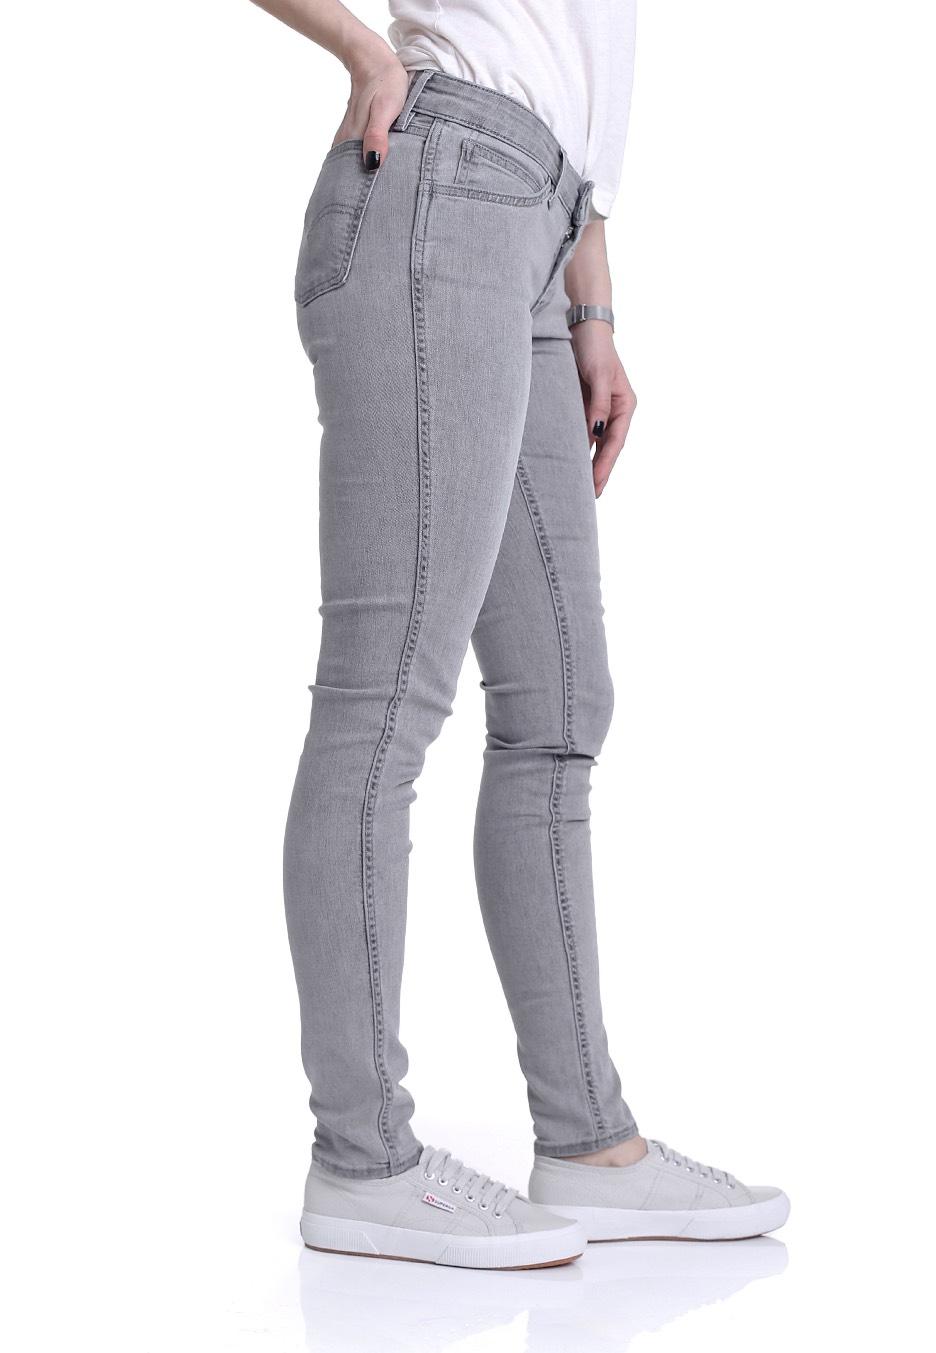 levis theline8lowsuperskinny silverlining jeans side lg.jpg 256424c6e